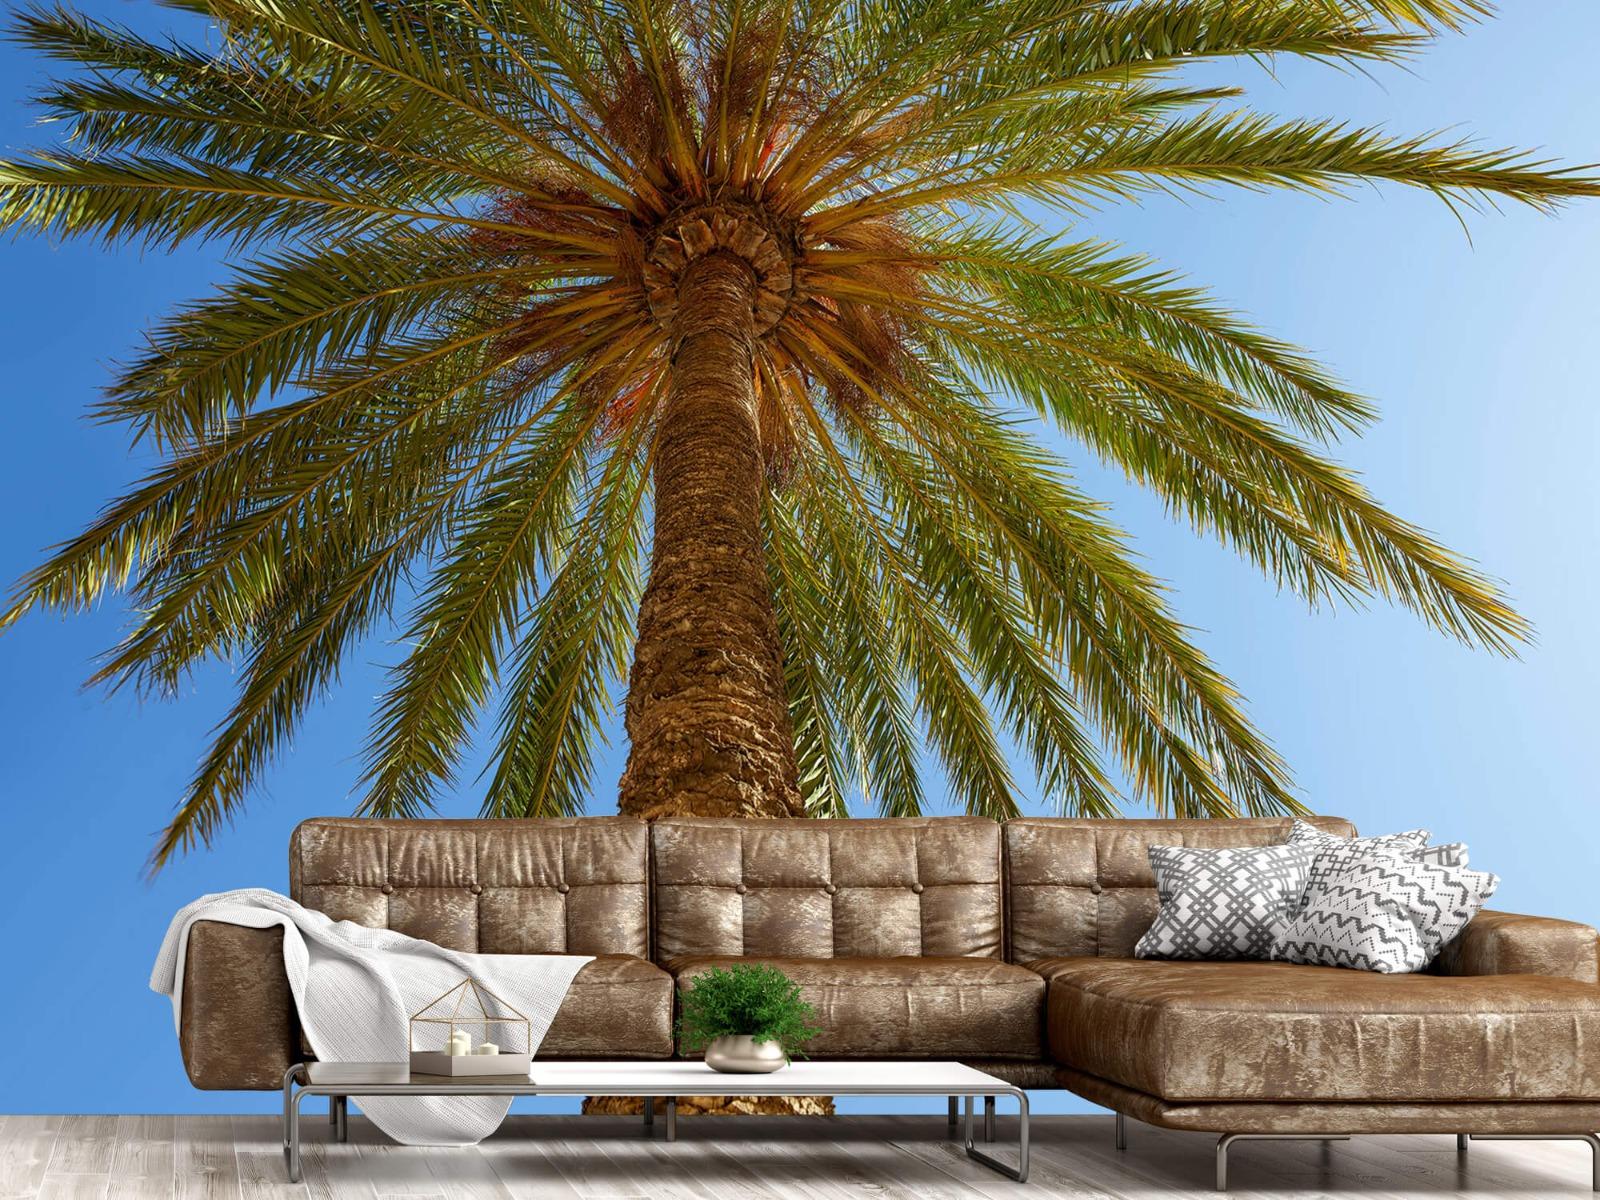 Palmbomen - Gedetailleerde Palmboom - Slaapkamer 14